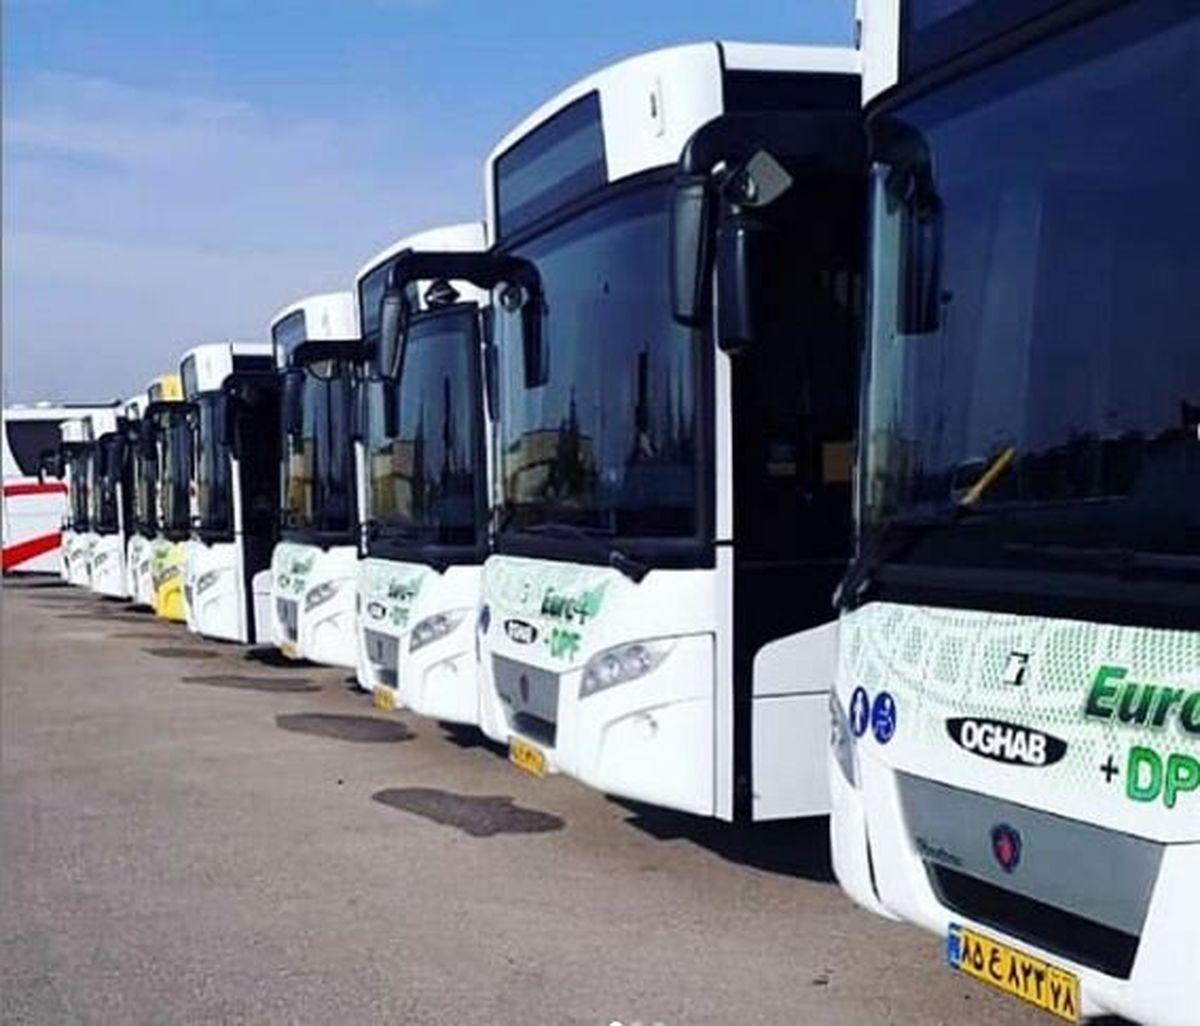 50 اتوبوس جدید به ناوگان عمومی کرج اضافه میشود